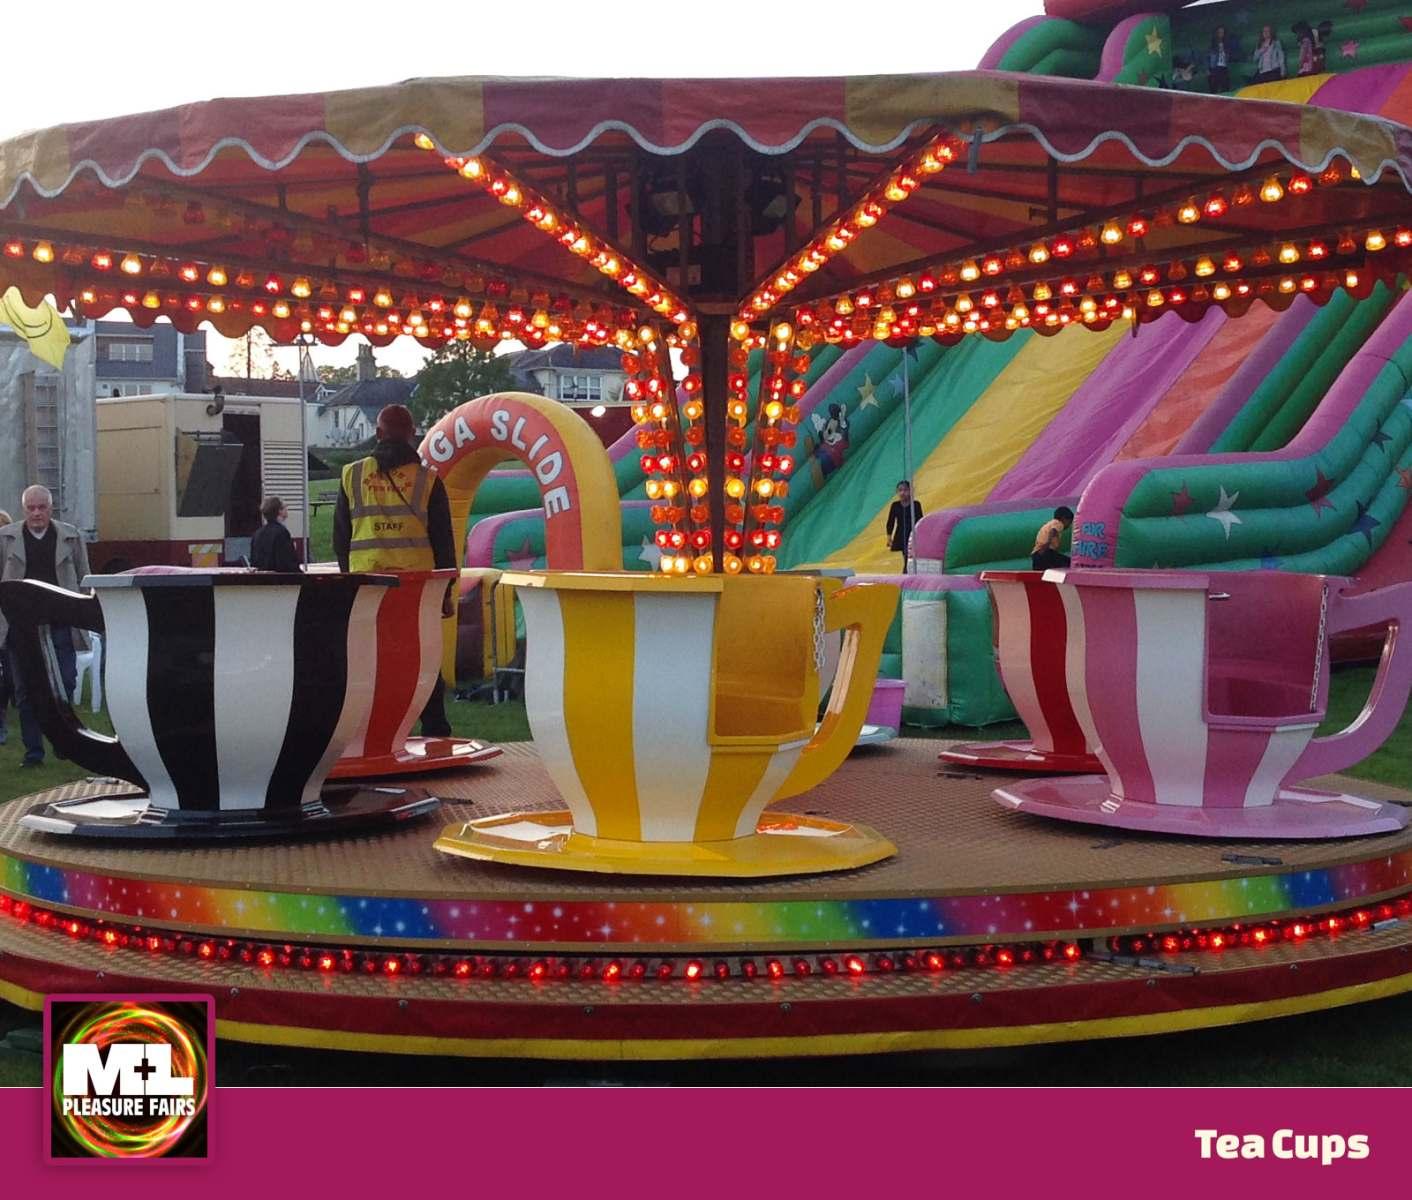 Tea Cups Ride Image